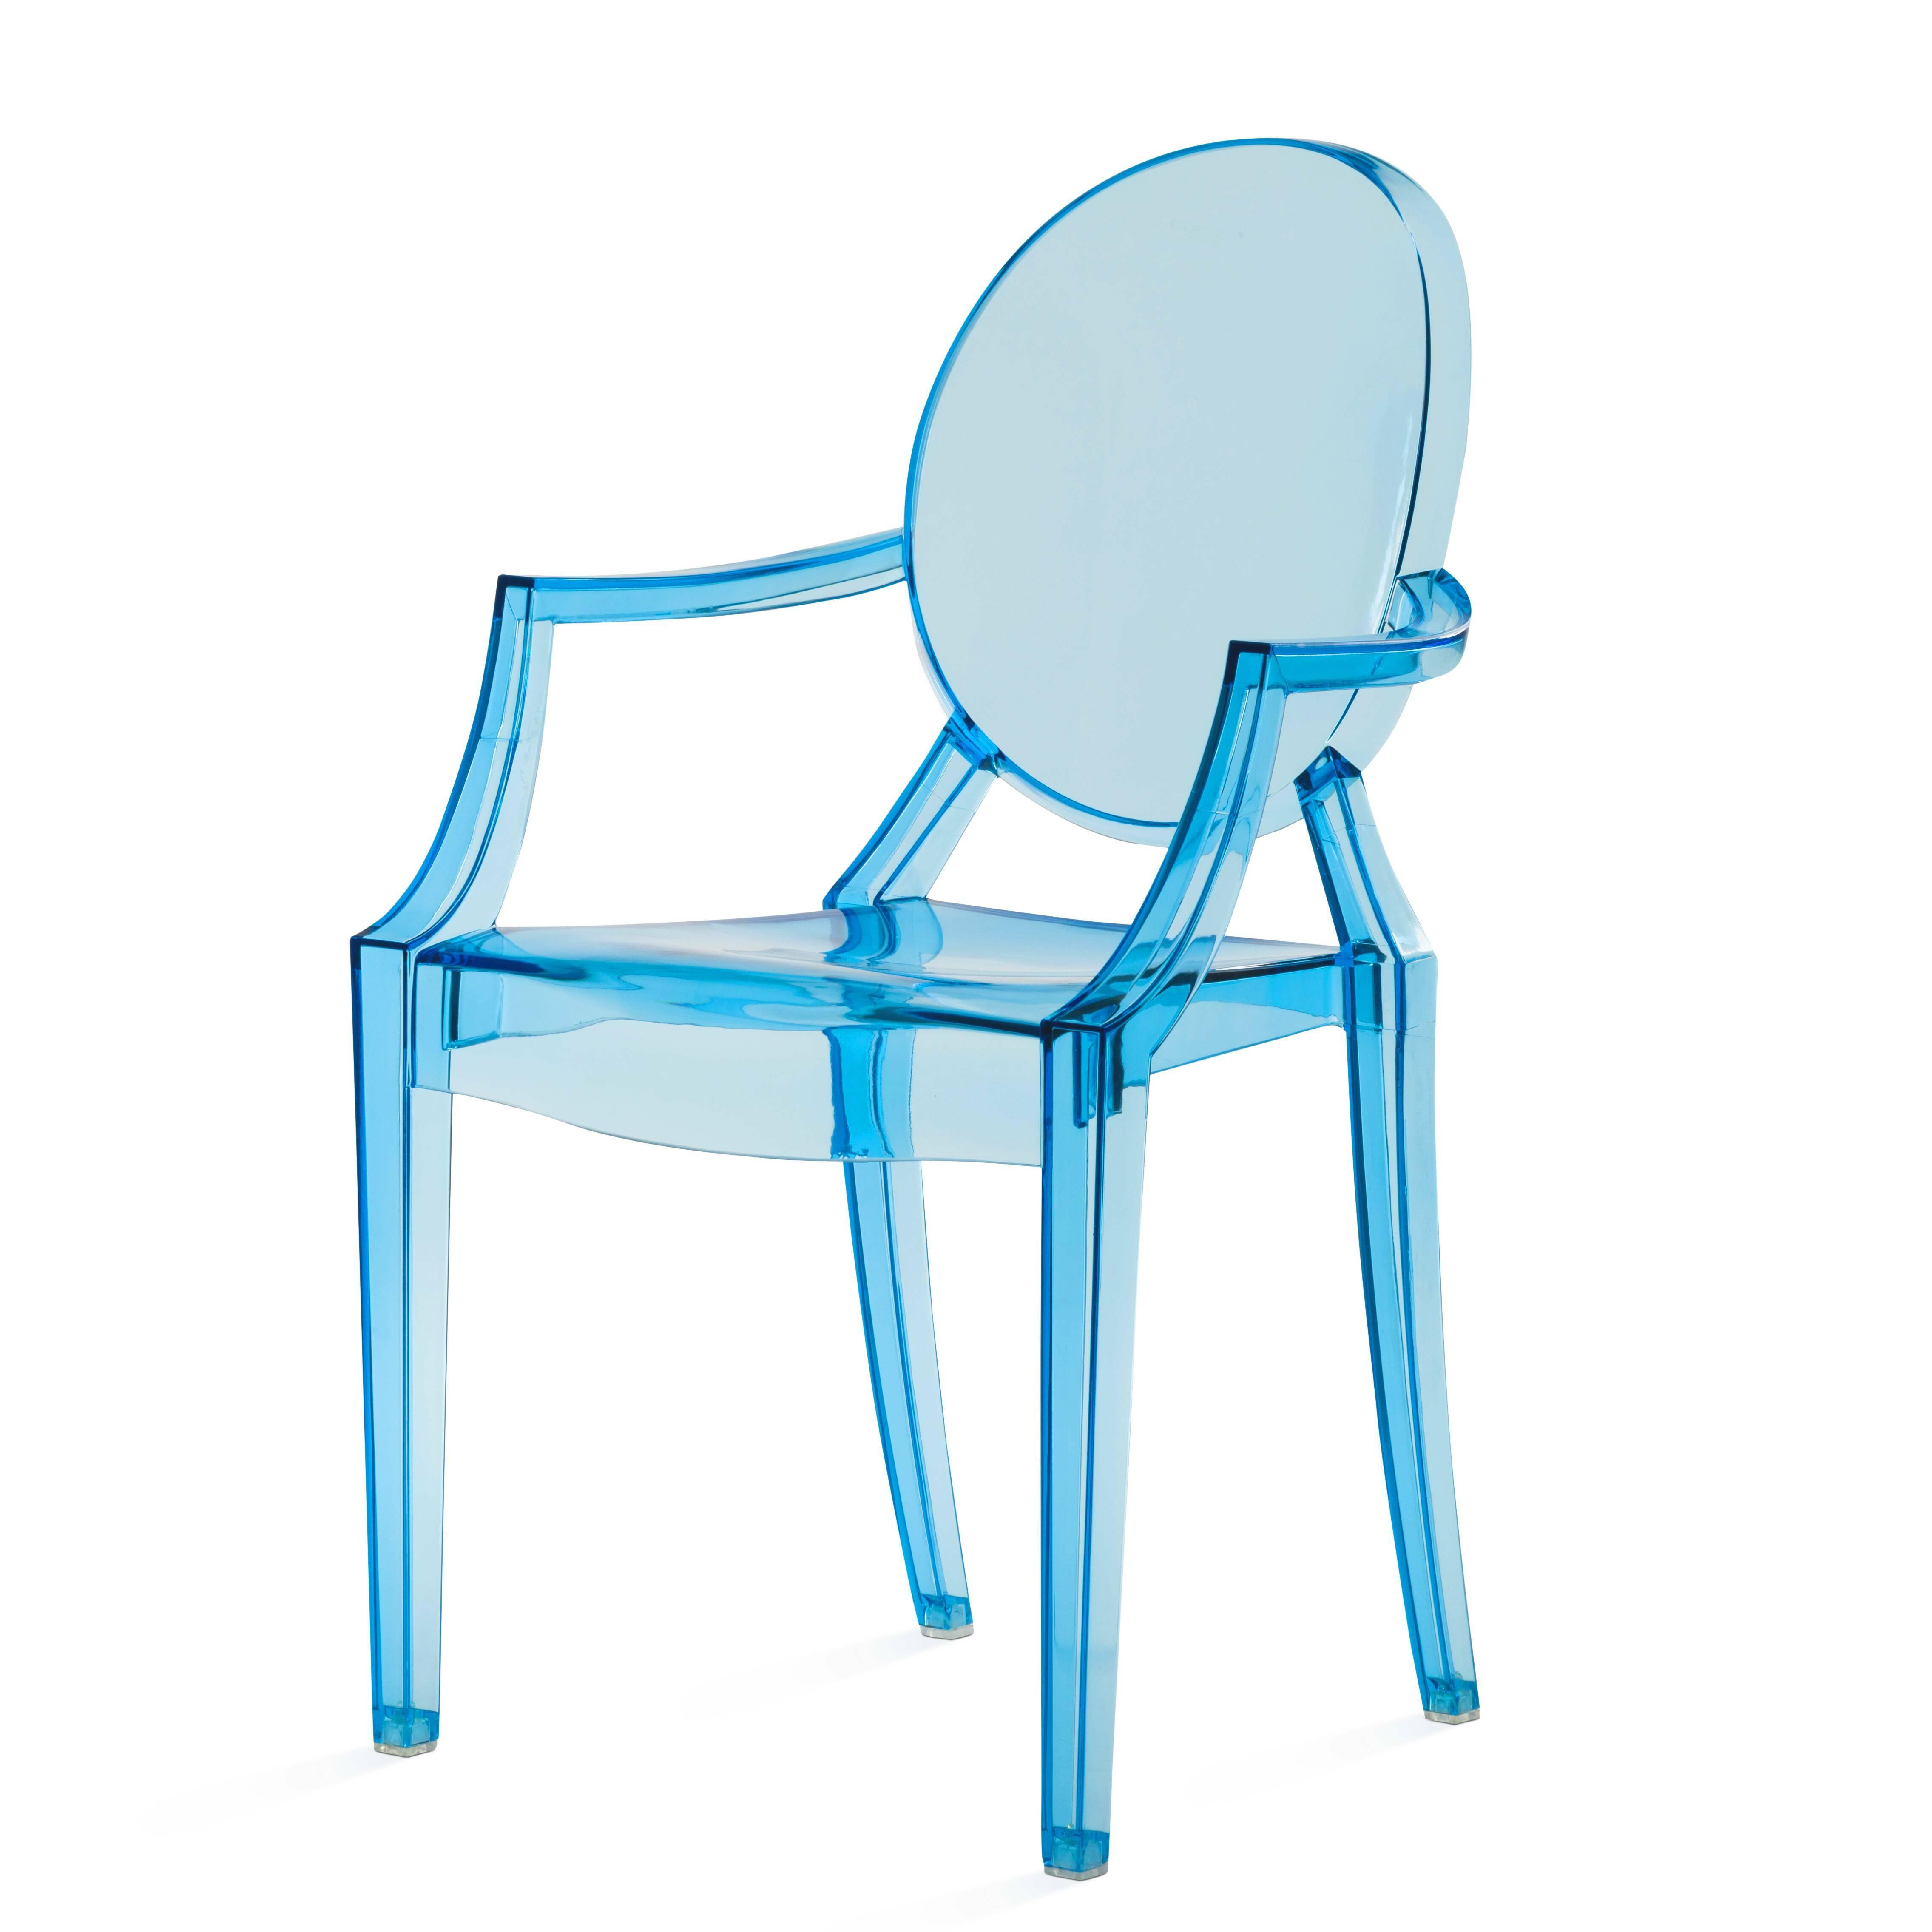 Стул Louis GhostИнтерьерные<br>Дизайнерский глянцевый жесткий пластиковый стул Louis Ghost (Луи Гост) с круглым сиденьем на четырех ножках от Cosmo (Космо).<br><br>     Волна любви к маэстро промышленного дизайна французу Филиппу Старку, захлестнувшая мир несколько лет назад, отнюдь не спадает. Его предметы давно стали must have любого стильного интерьера, и стул Louis Ghost не исключение. Этот бестселлер — ироничная фантазия на тему классического кресла в стиле Людовика XVI, не зря же и назван он «призрак Людовика». На бестел...<br><br>stock: 4<br>Высота: 92,5<br>Высота сиденья: 48,5<br>Ширина: 54<br>Глубина: 57,5<br>Материал каркаса: Поликарбонат<br>Тип материала каркаса: Пластик<br>Цвет каркаса: Голубой прозрачный